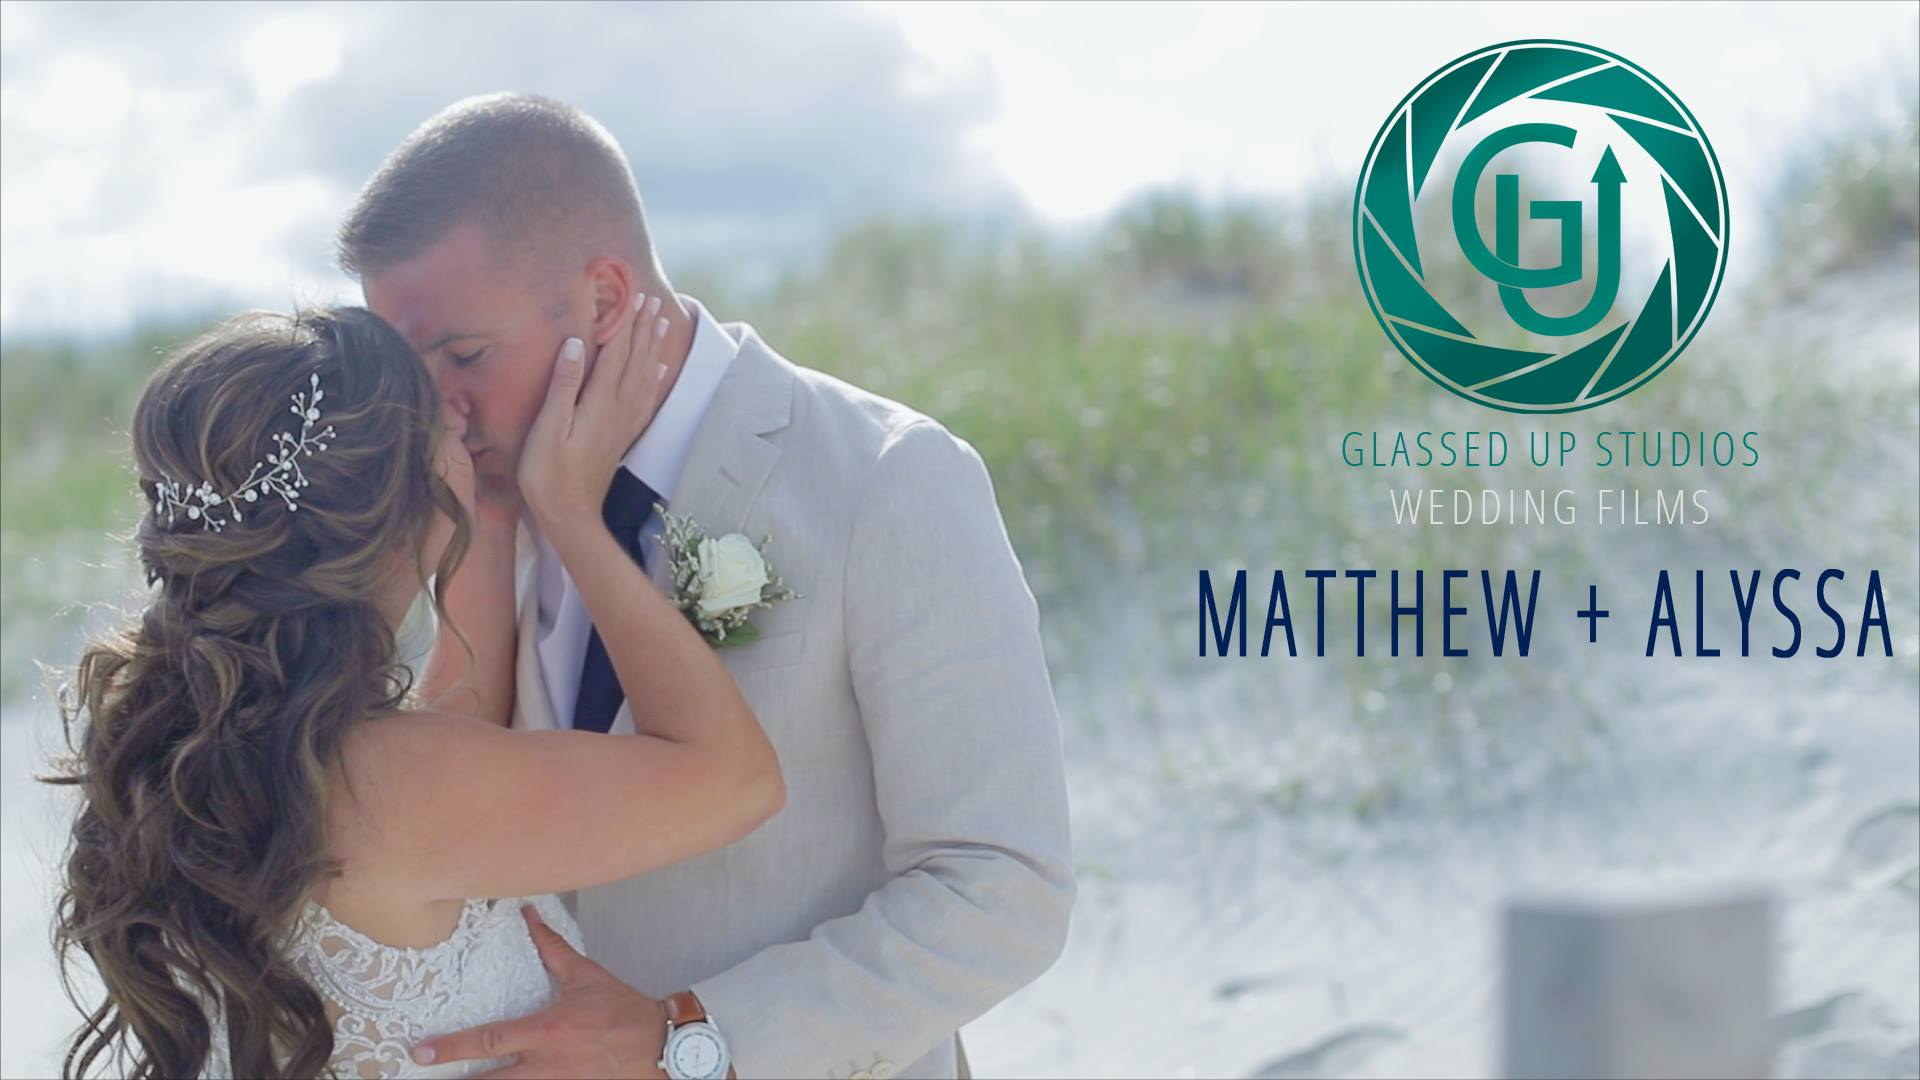 Wedding Film: Matthew + Alyssa